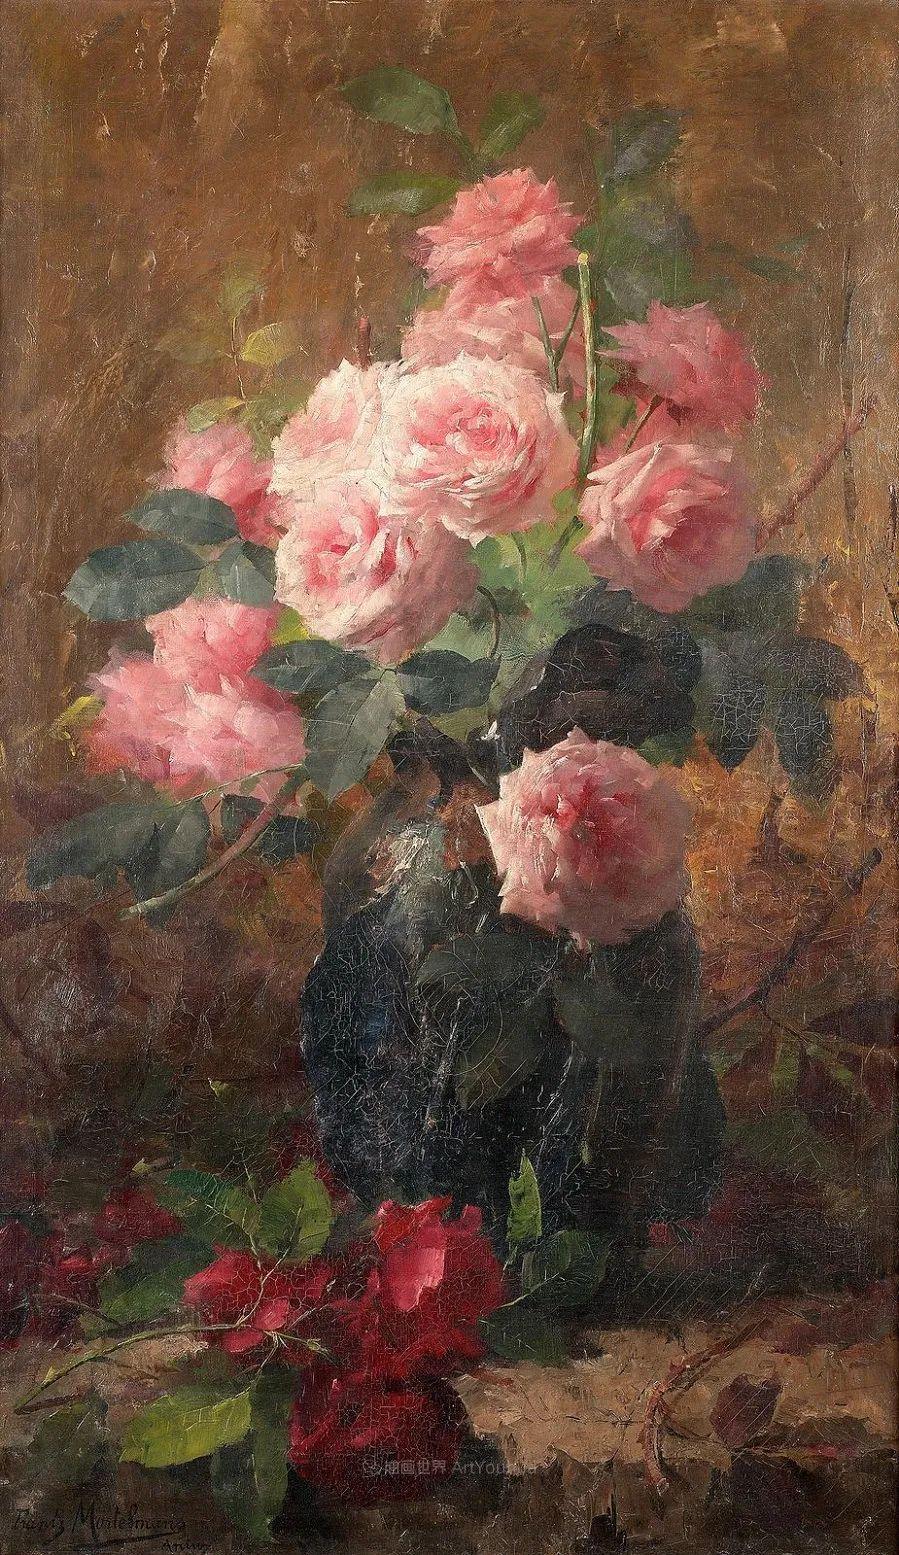 他笔下的粉色月季玫瑰,尤其受人关注!插图33